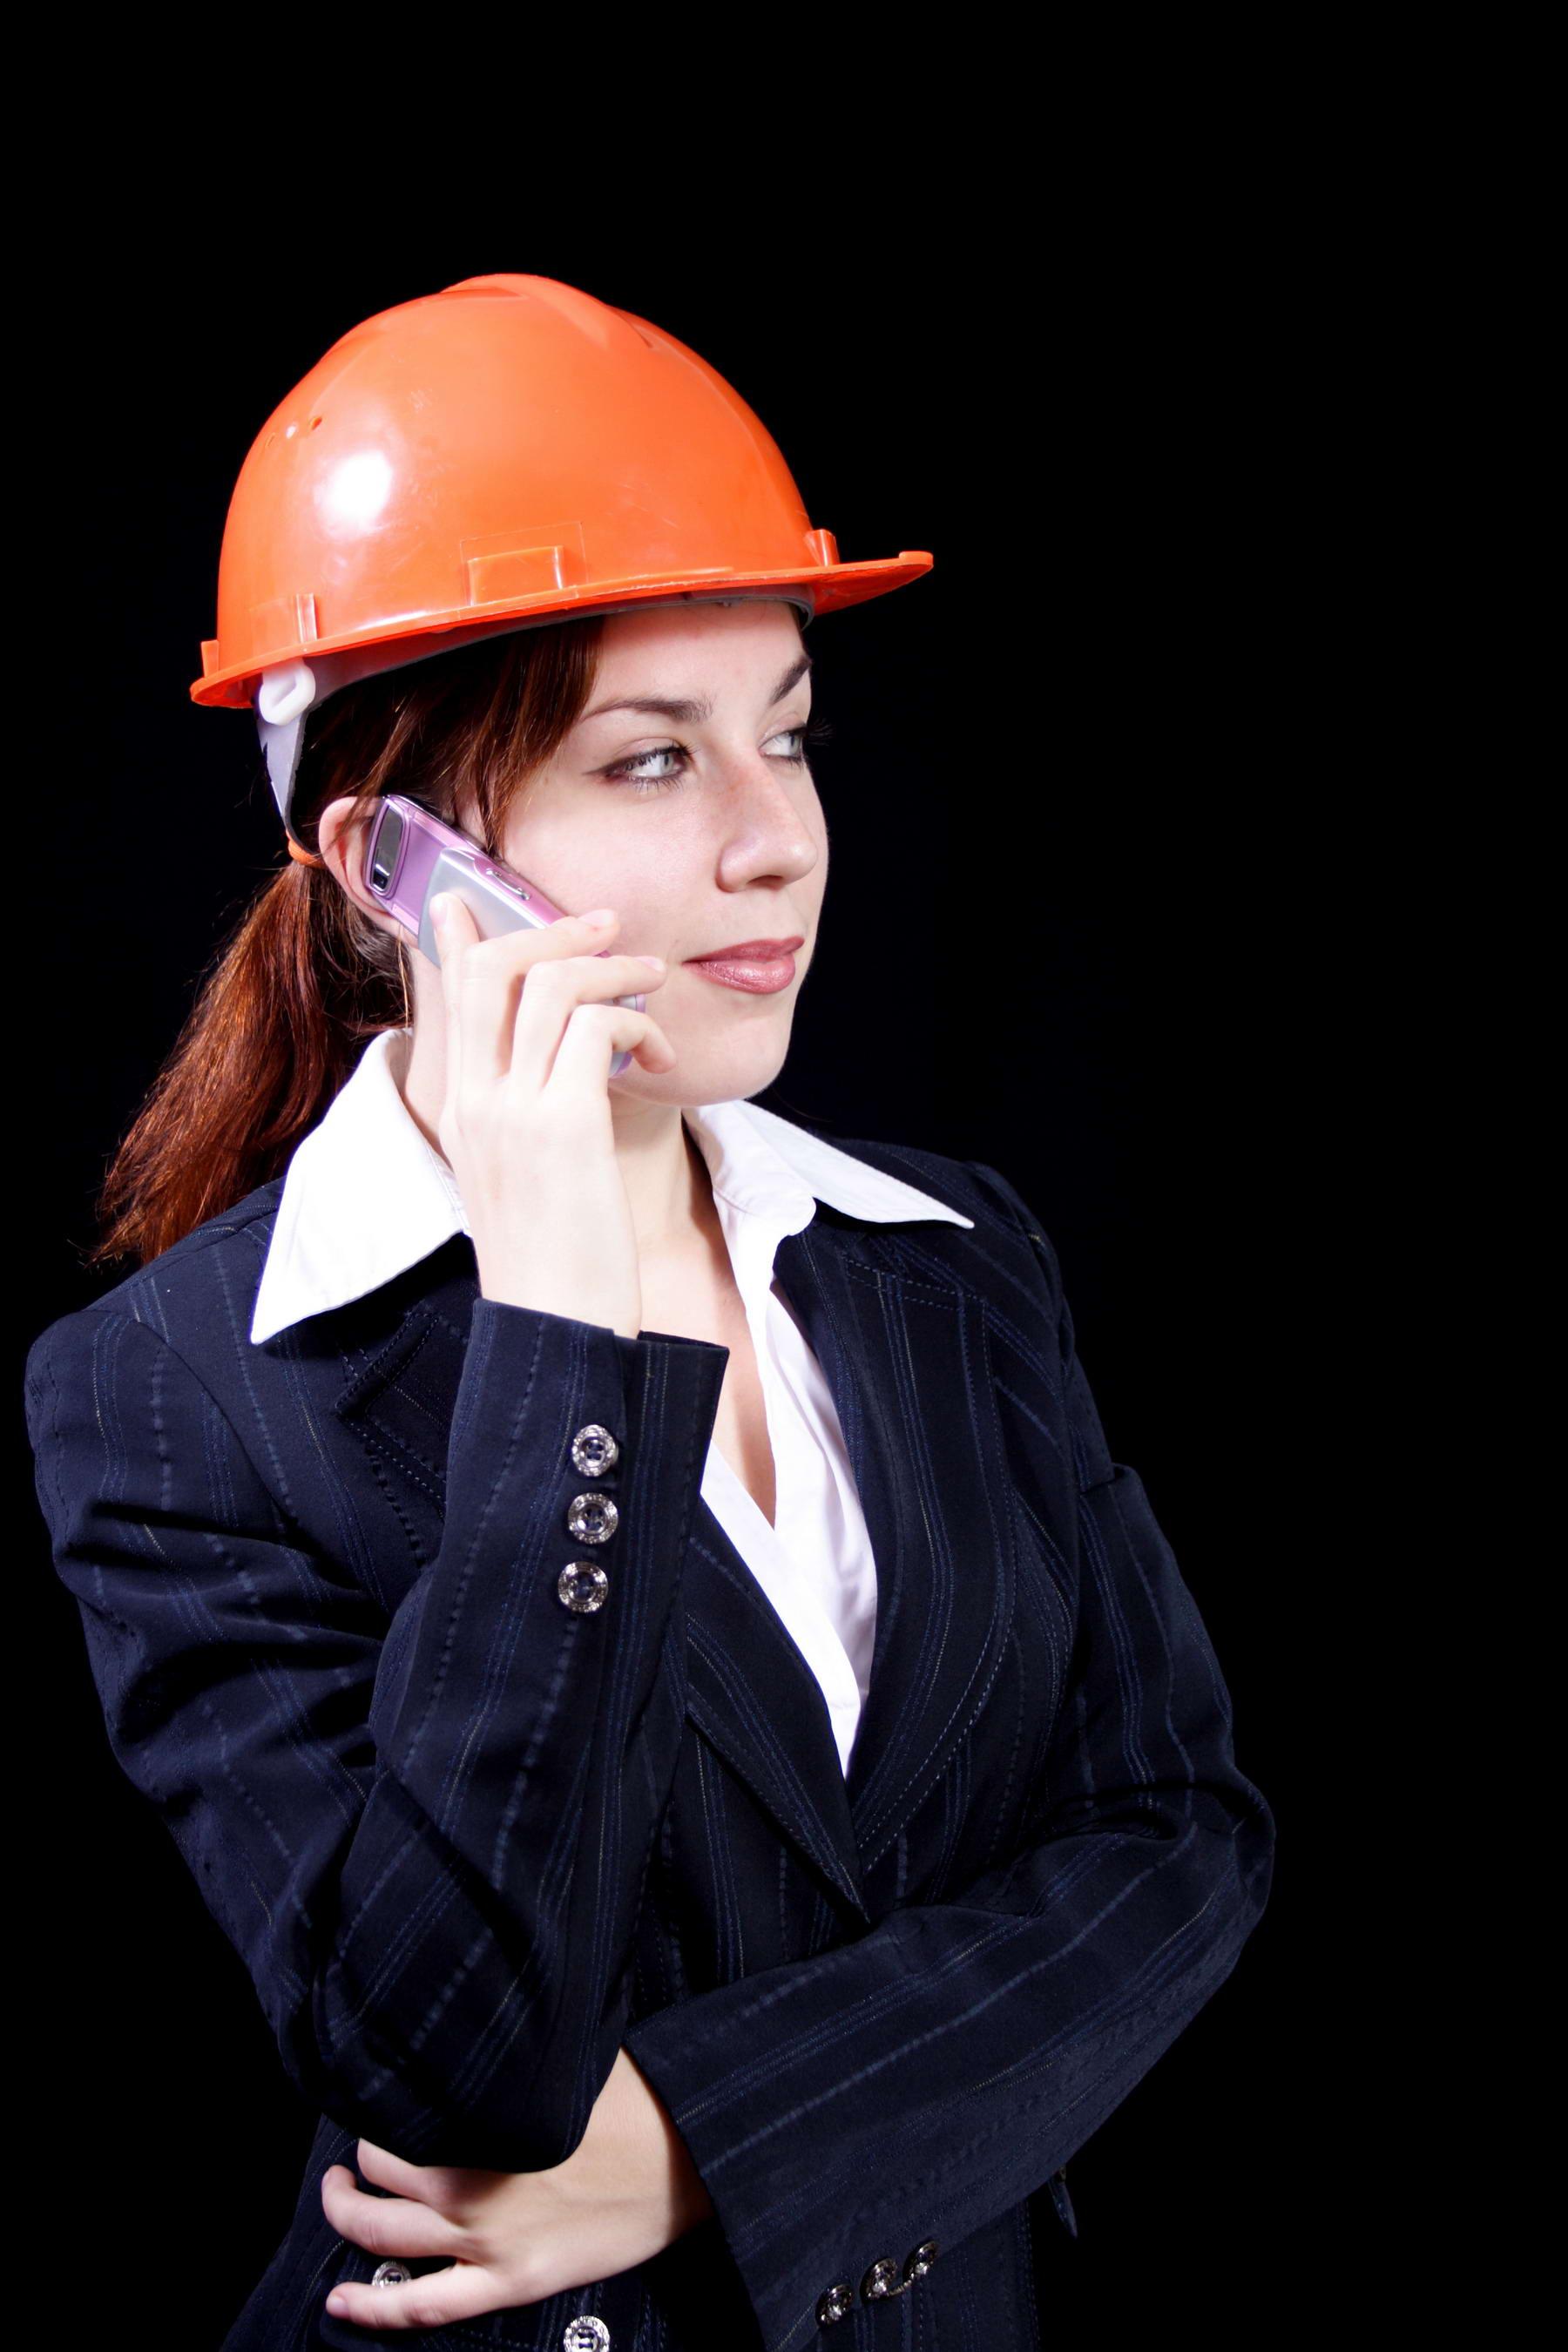 девушка строитель в каске с телефоном, скачать фото, обои для рабочего стола